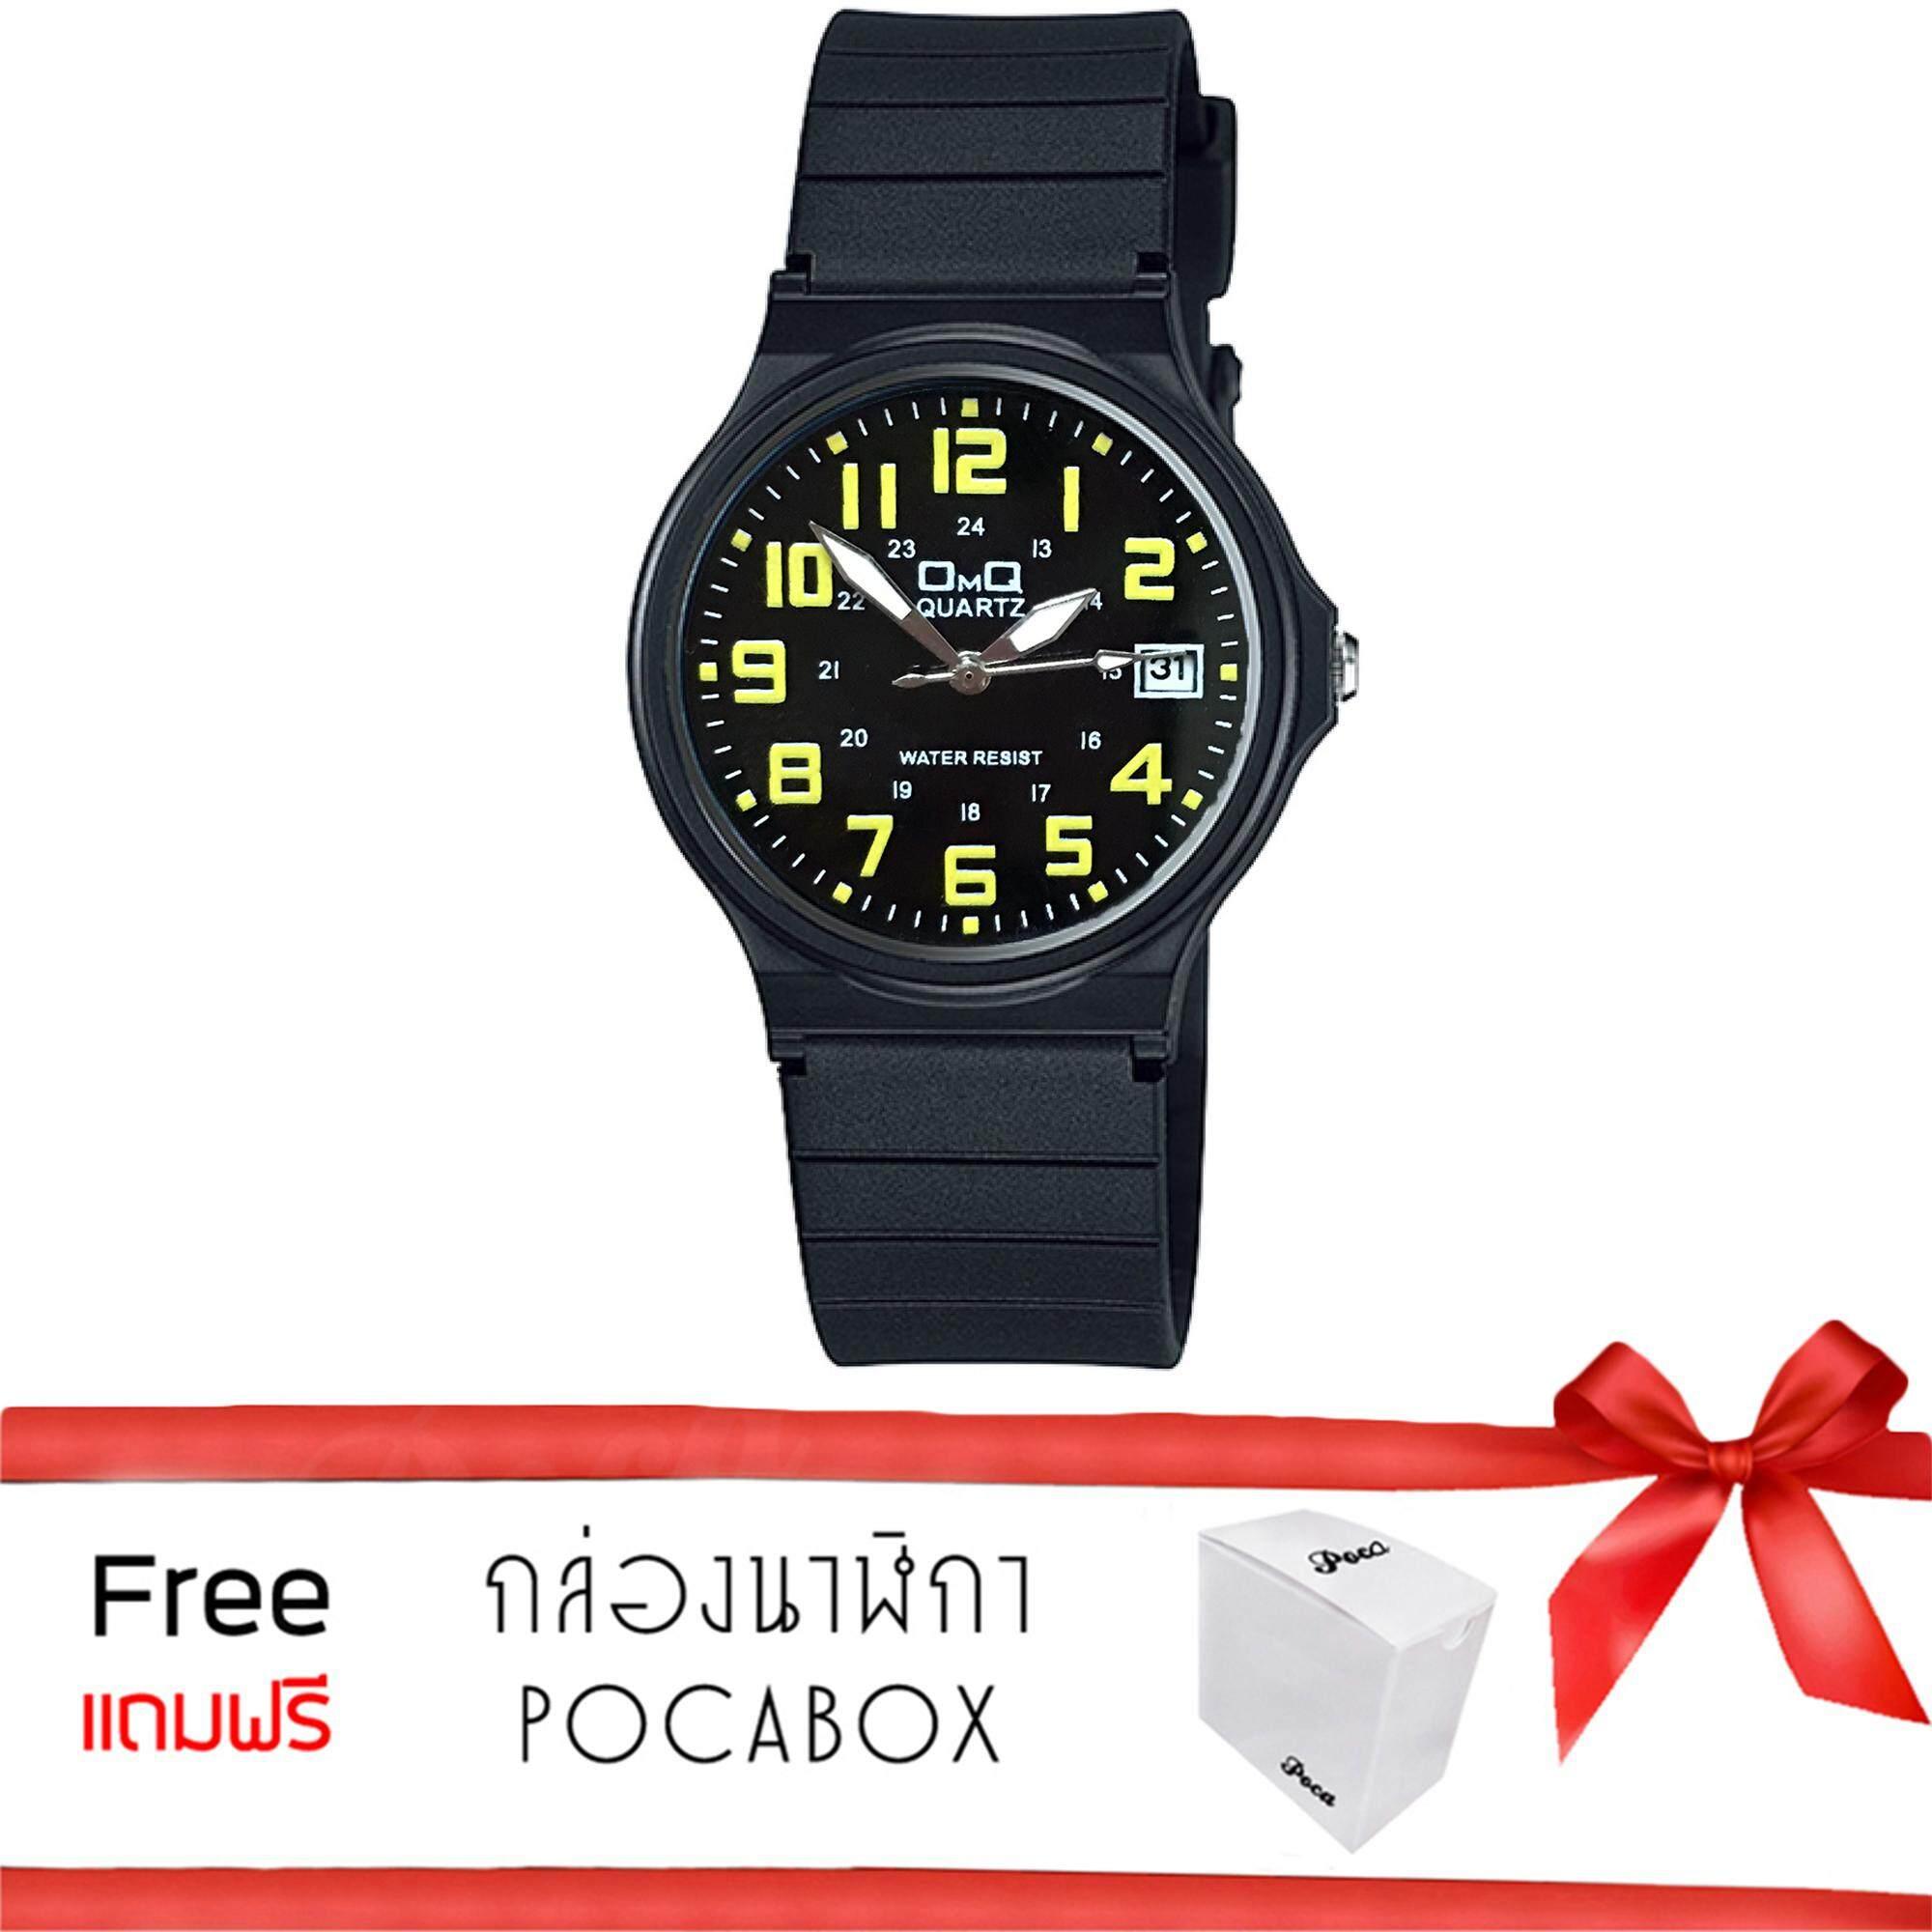 Omq นาฬิกาข้อมือผู้หญิง ผู้ชาย สายยางสีดำ หนัาปัดกลม Mq-24 ฟรีกล่องpoca .